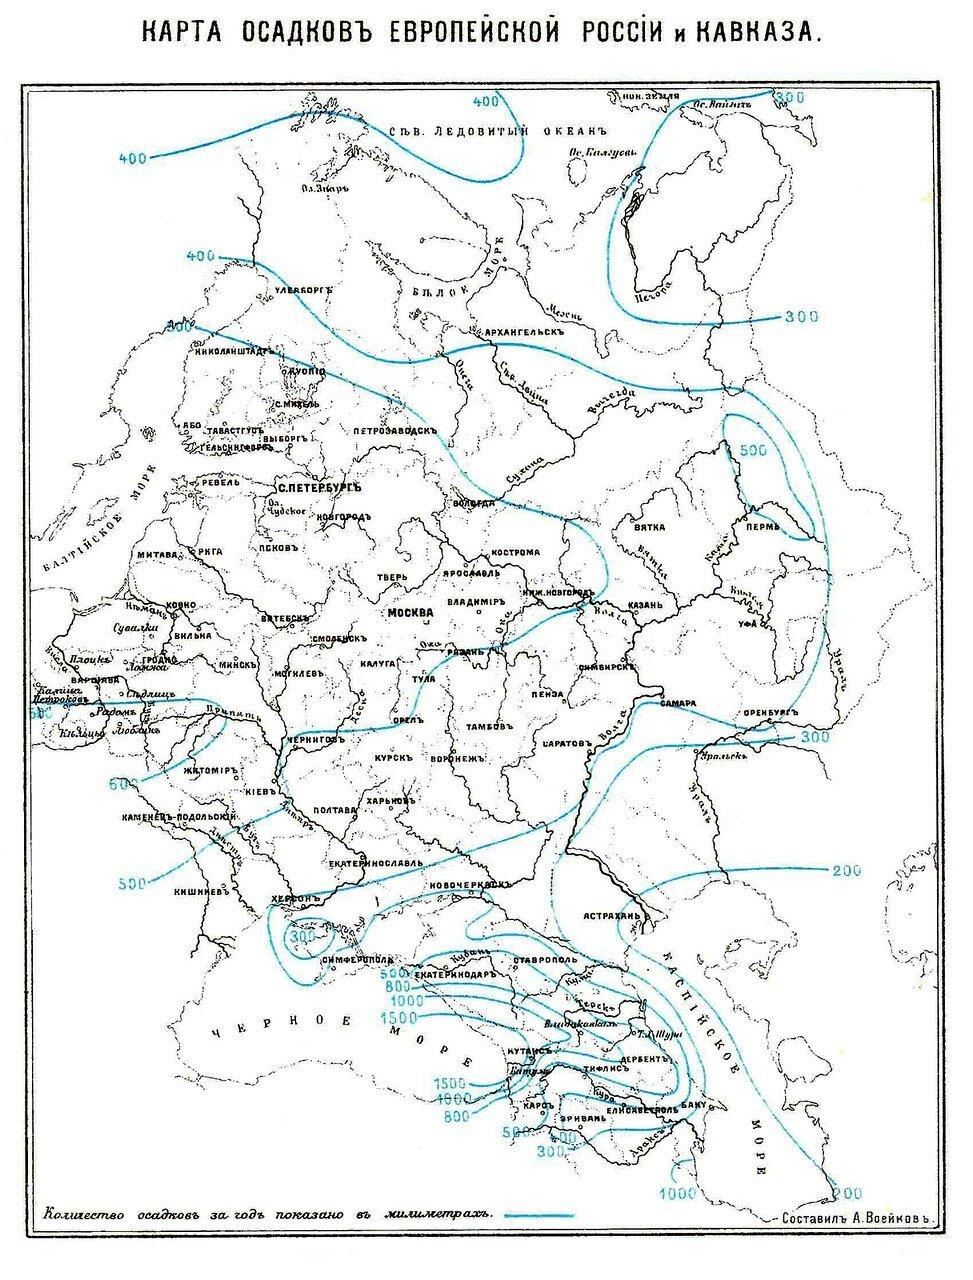 19. Карта осадков Европейской России